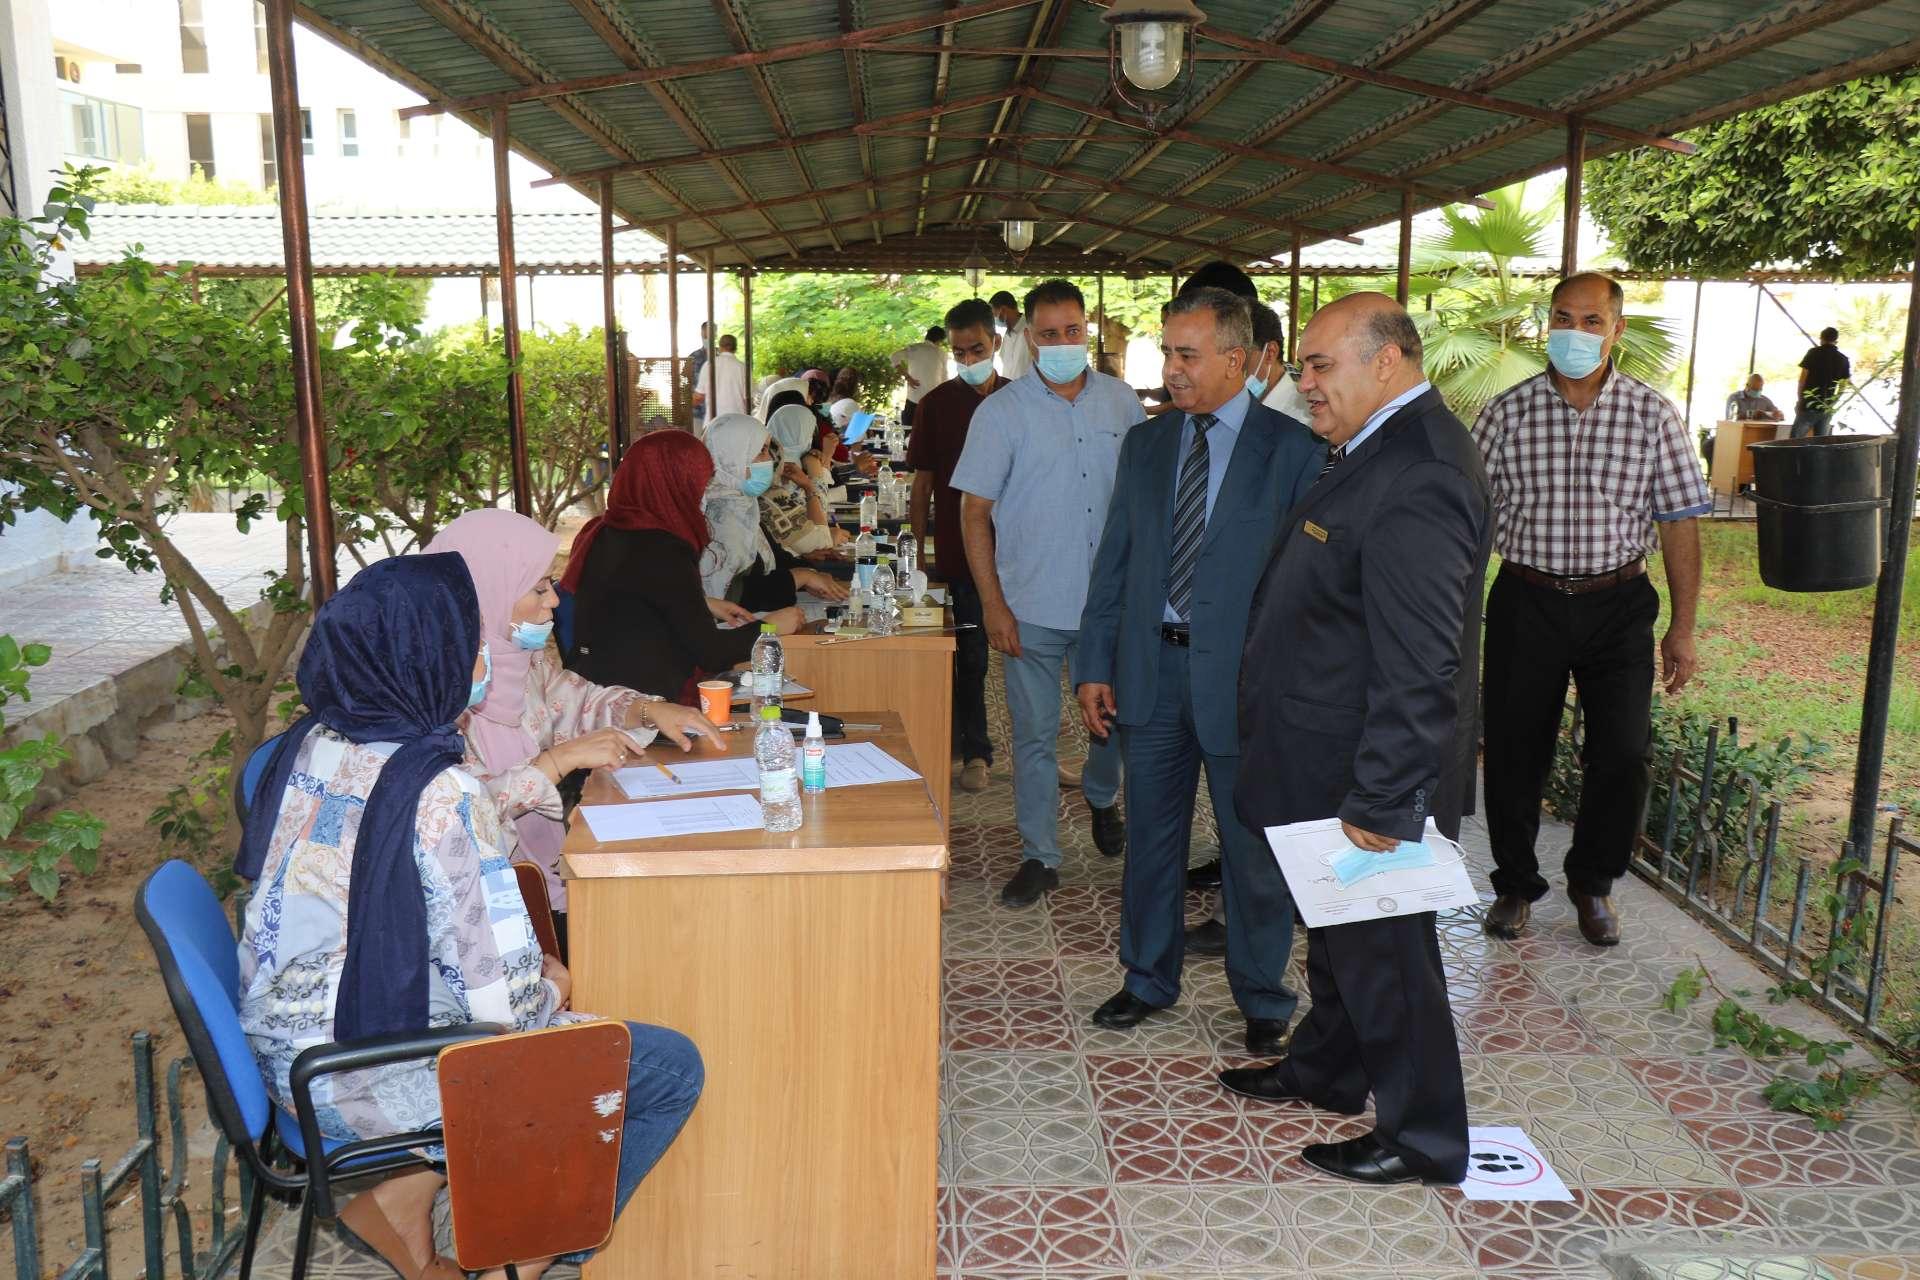 الأكاديمية الليبية تشرع في استلام ملفات المتقدمين للدراسات العليا بالاكاديمية